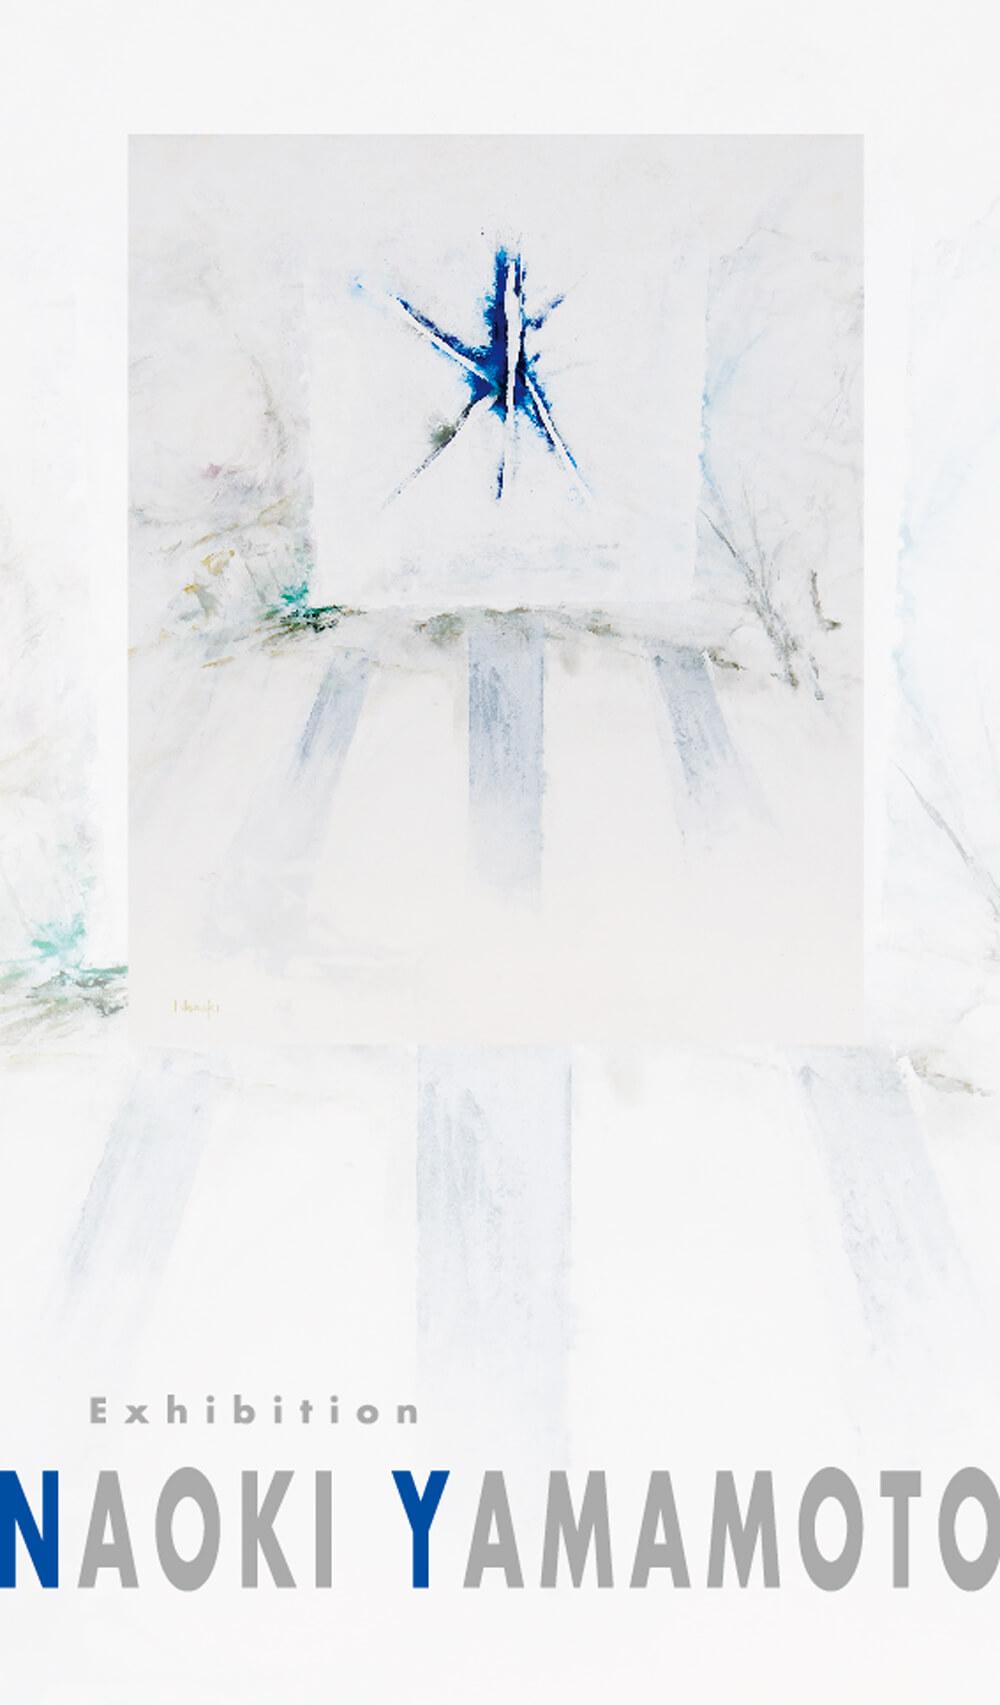 2012年10月19日から開催の「山本 直彰 日本画展」のDM画像